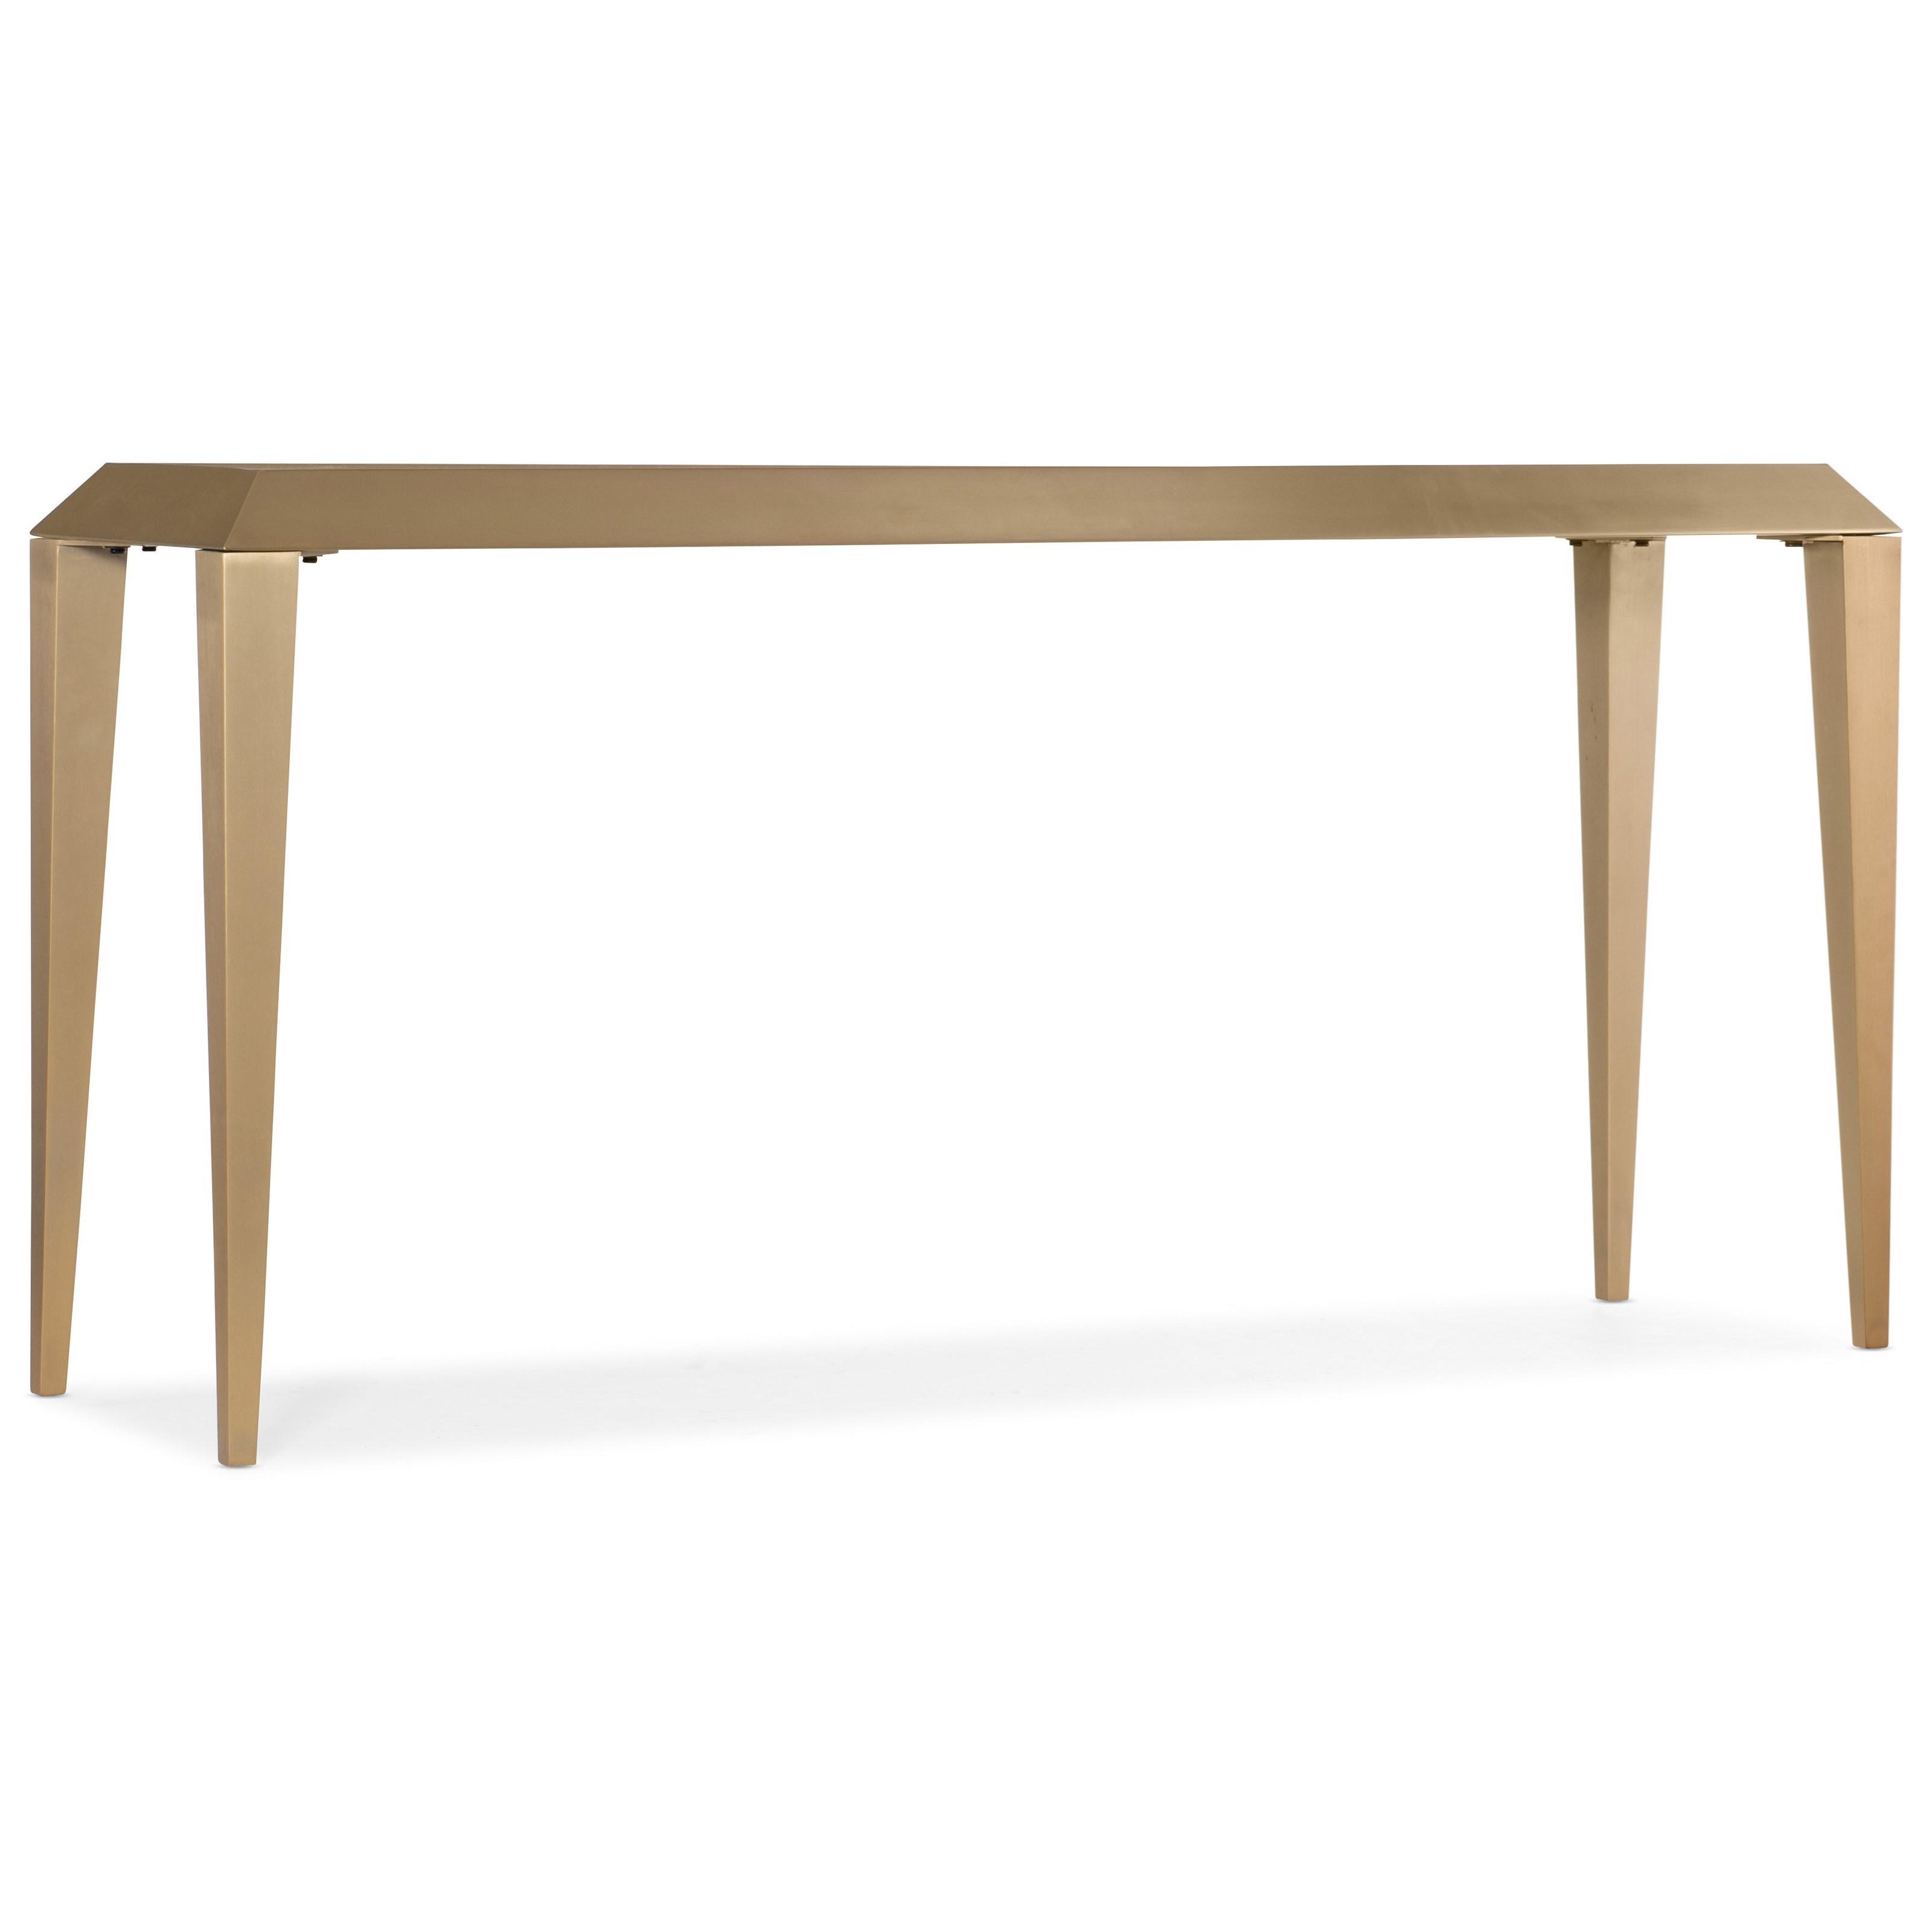 Melange Joliet Sofa Table by Hooker Furniture at Baer's Furniture